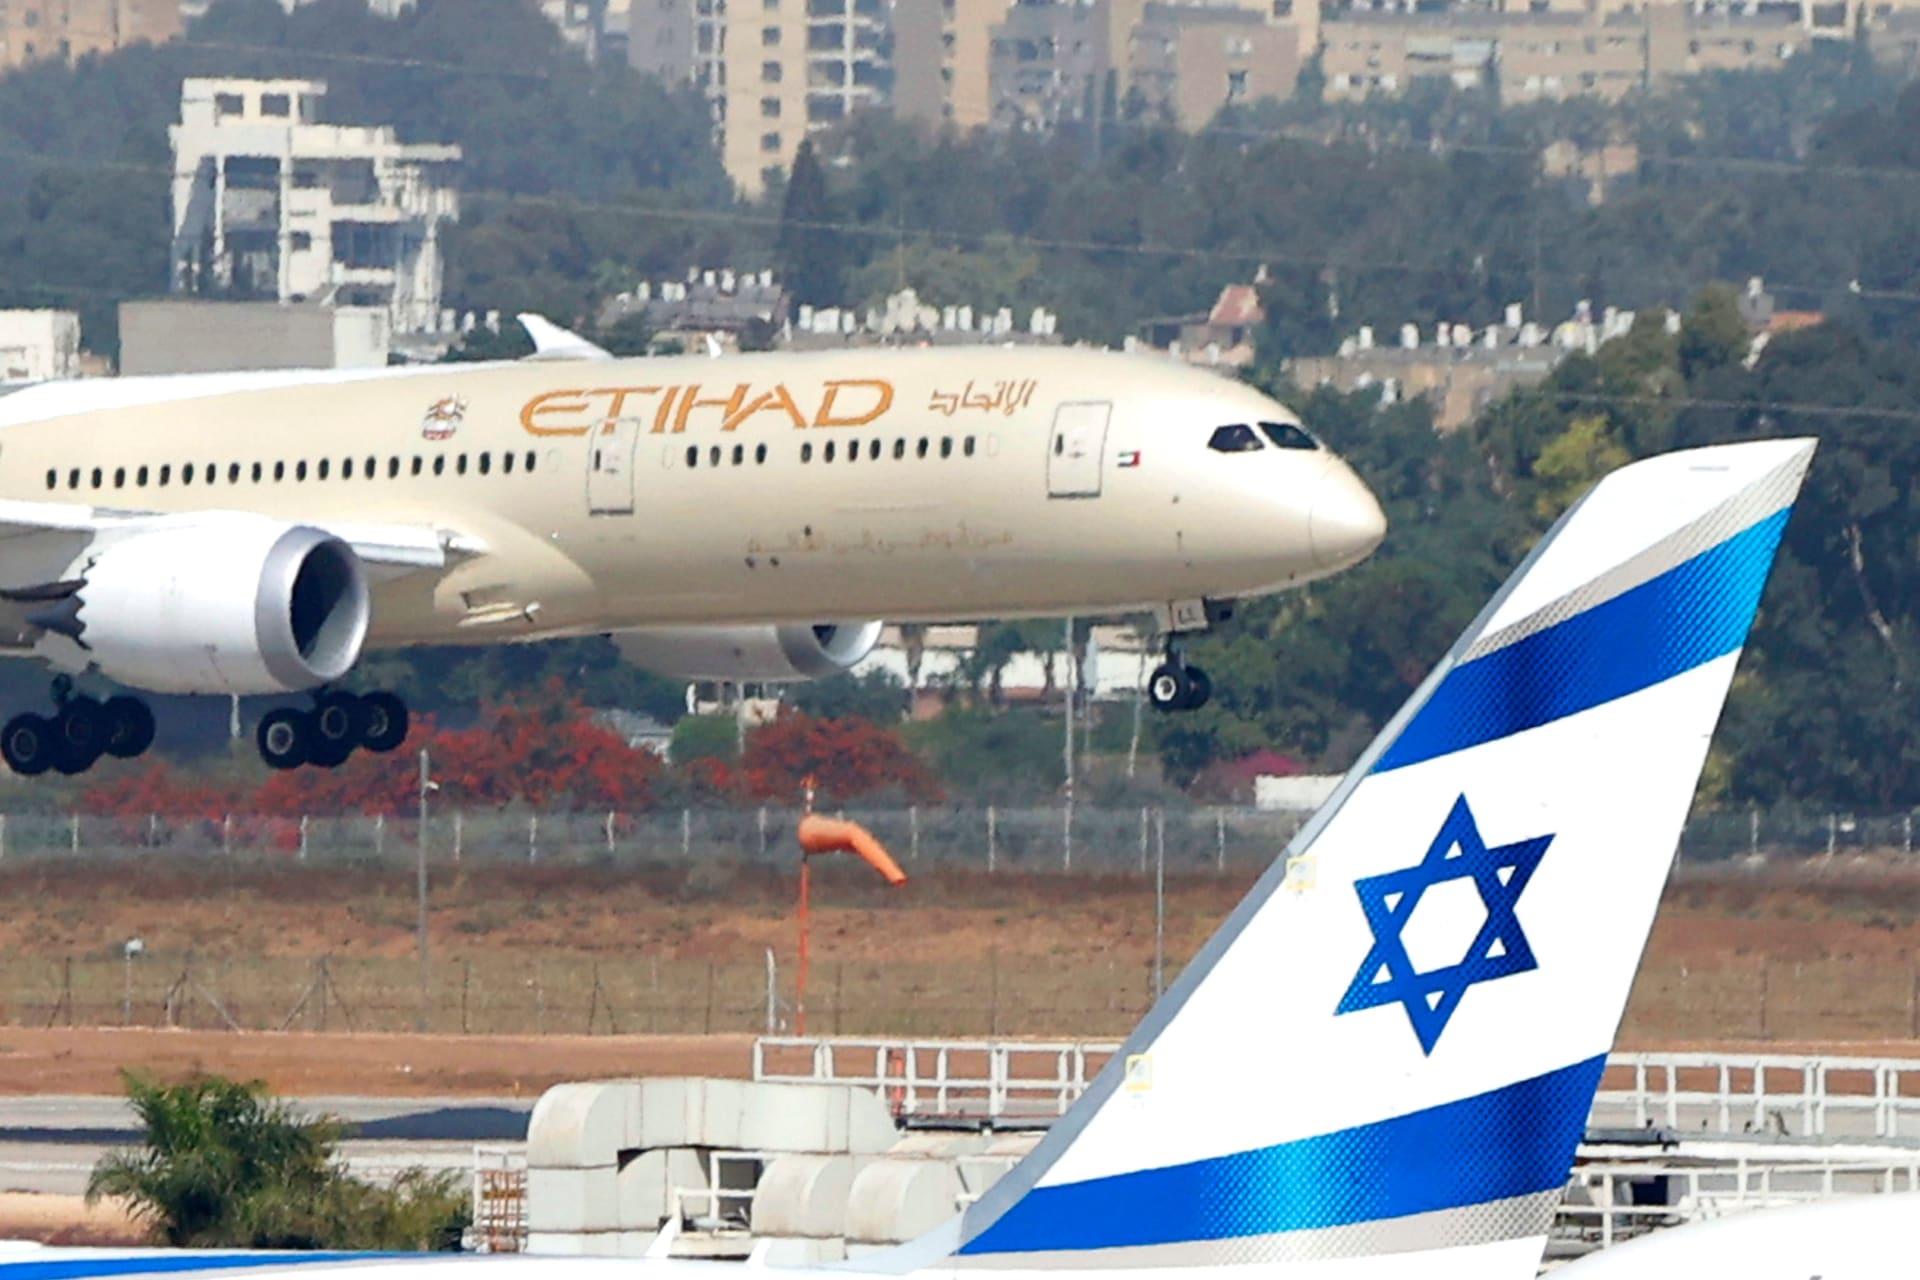 منها الإعفاء من تأشيرات الدخول.. وفد إماراتي يوقع على اتفاقيات تعاون في إسرائيل